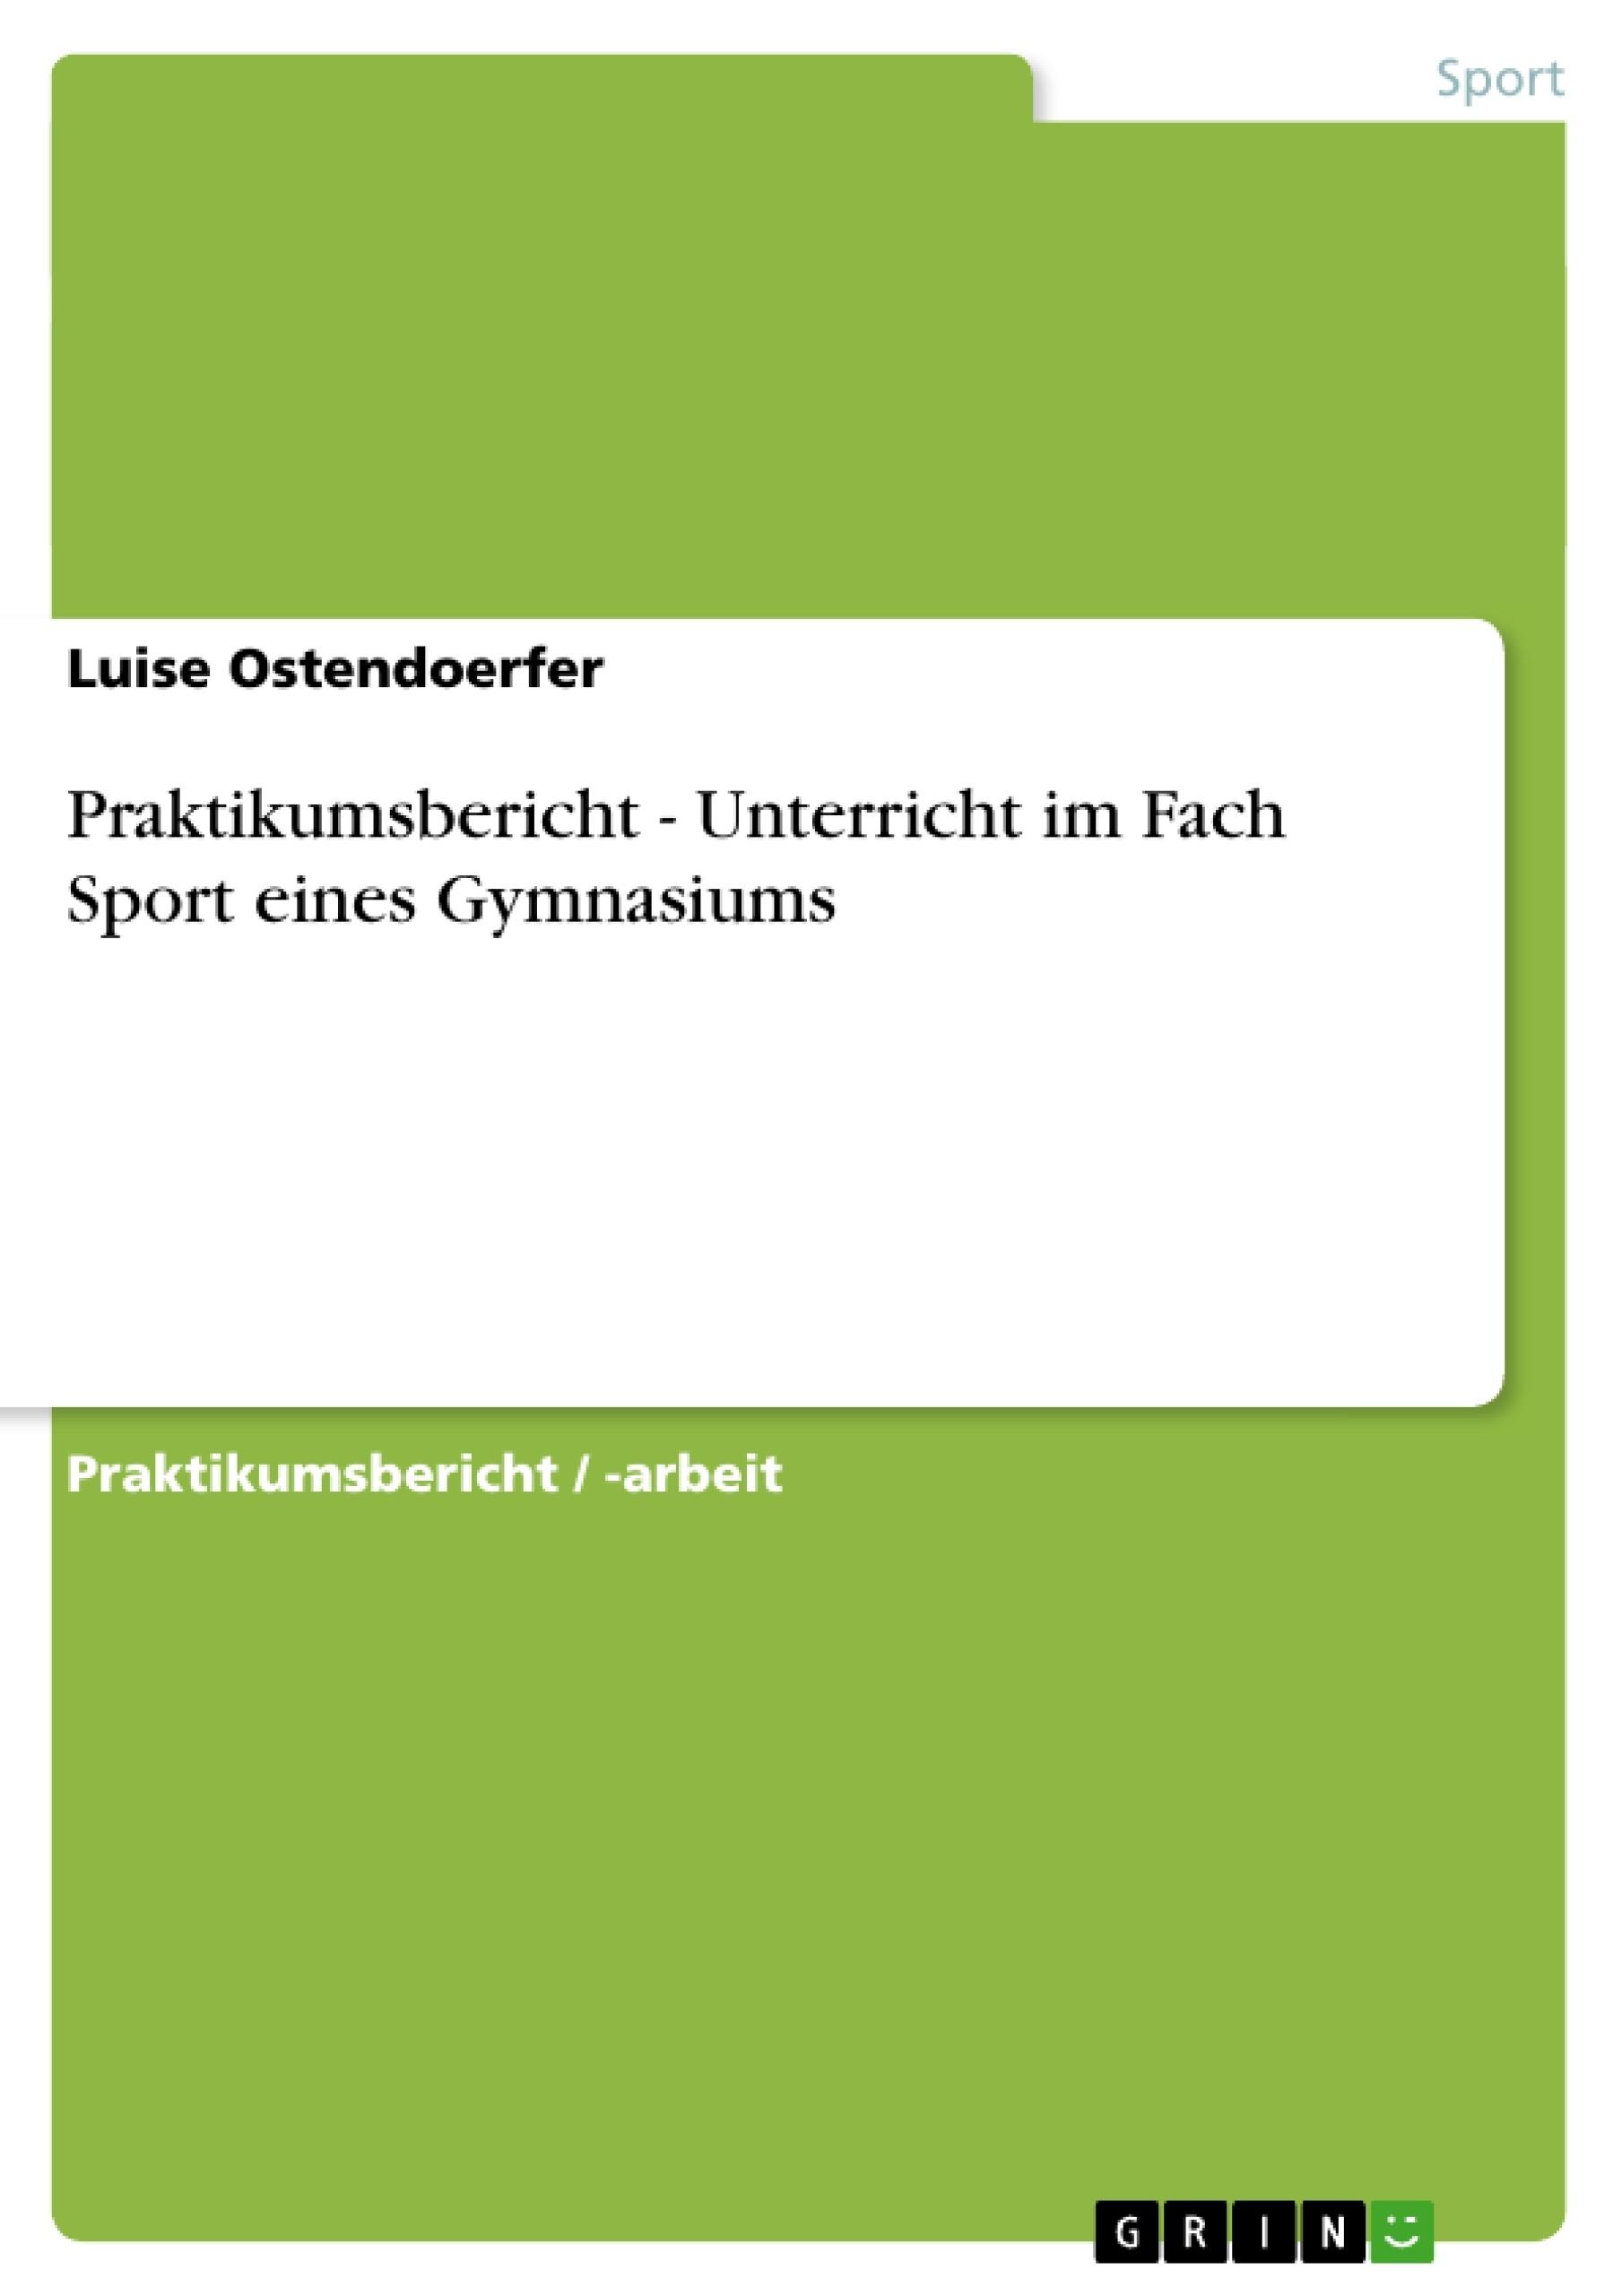 Titel: Praktikumsbericht - Unterricht im Fach Sport eines Gymnasiums